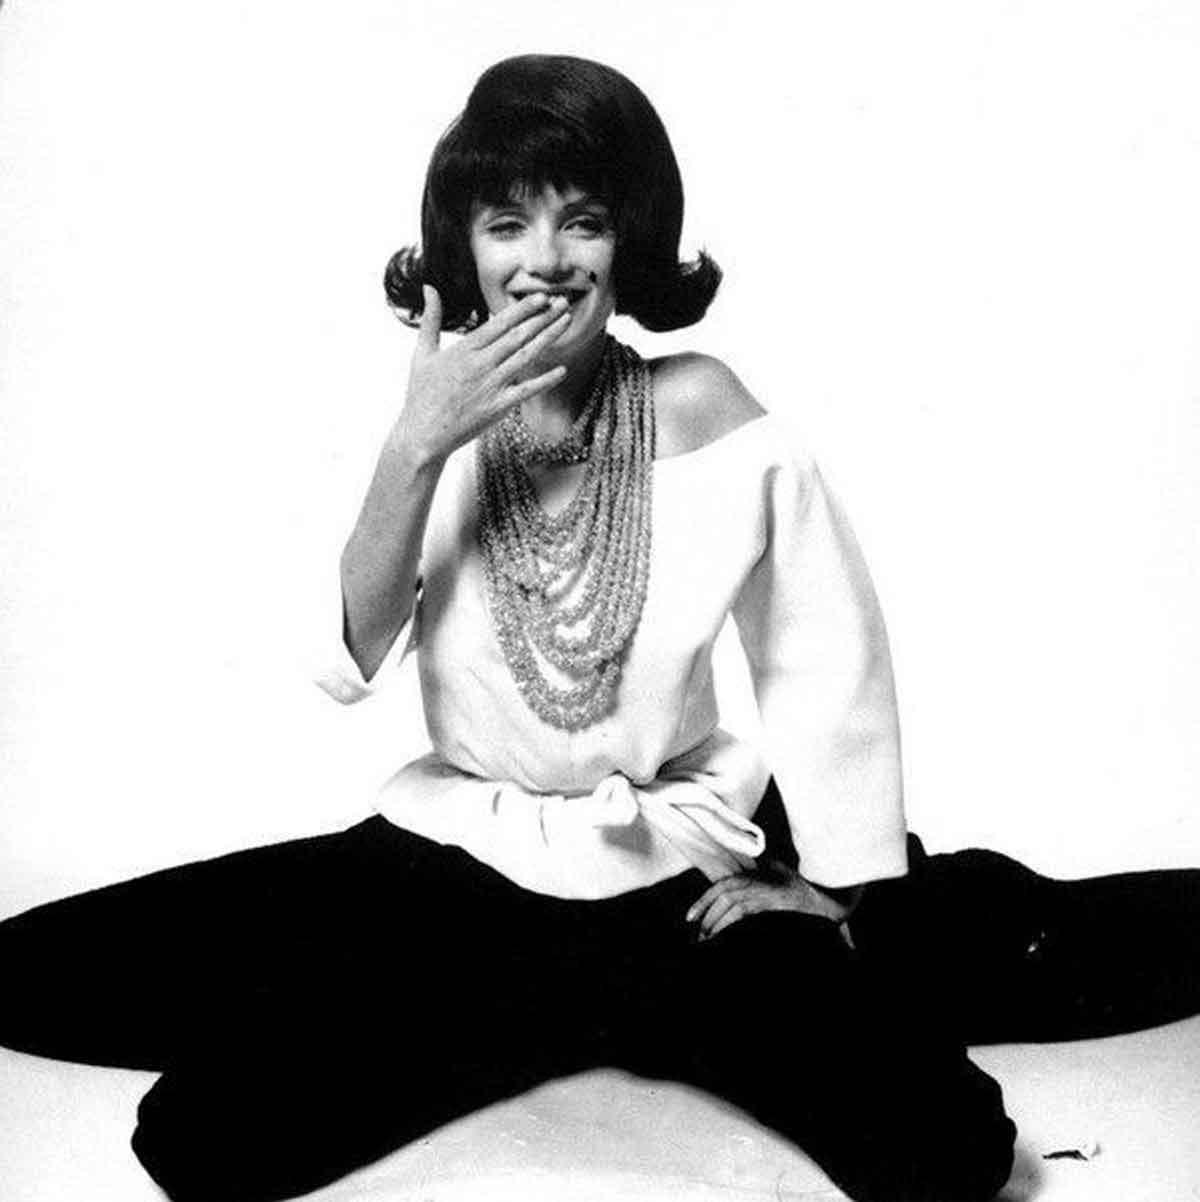 When-Marilyn-posed-as-Jackie-Onassis5